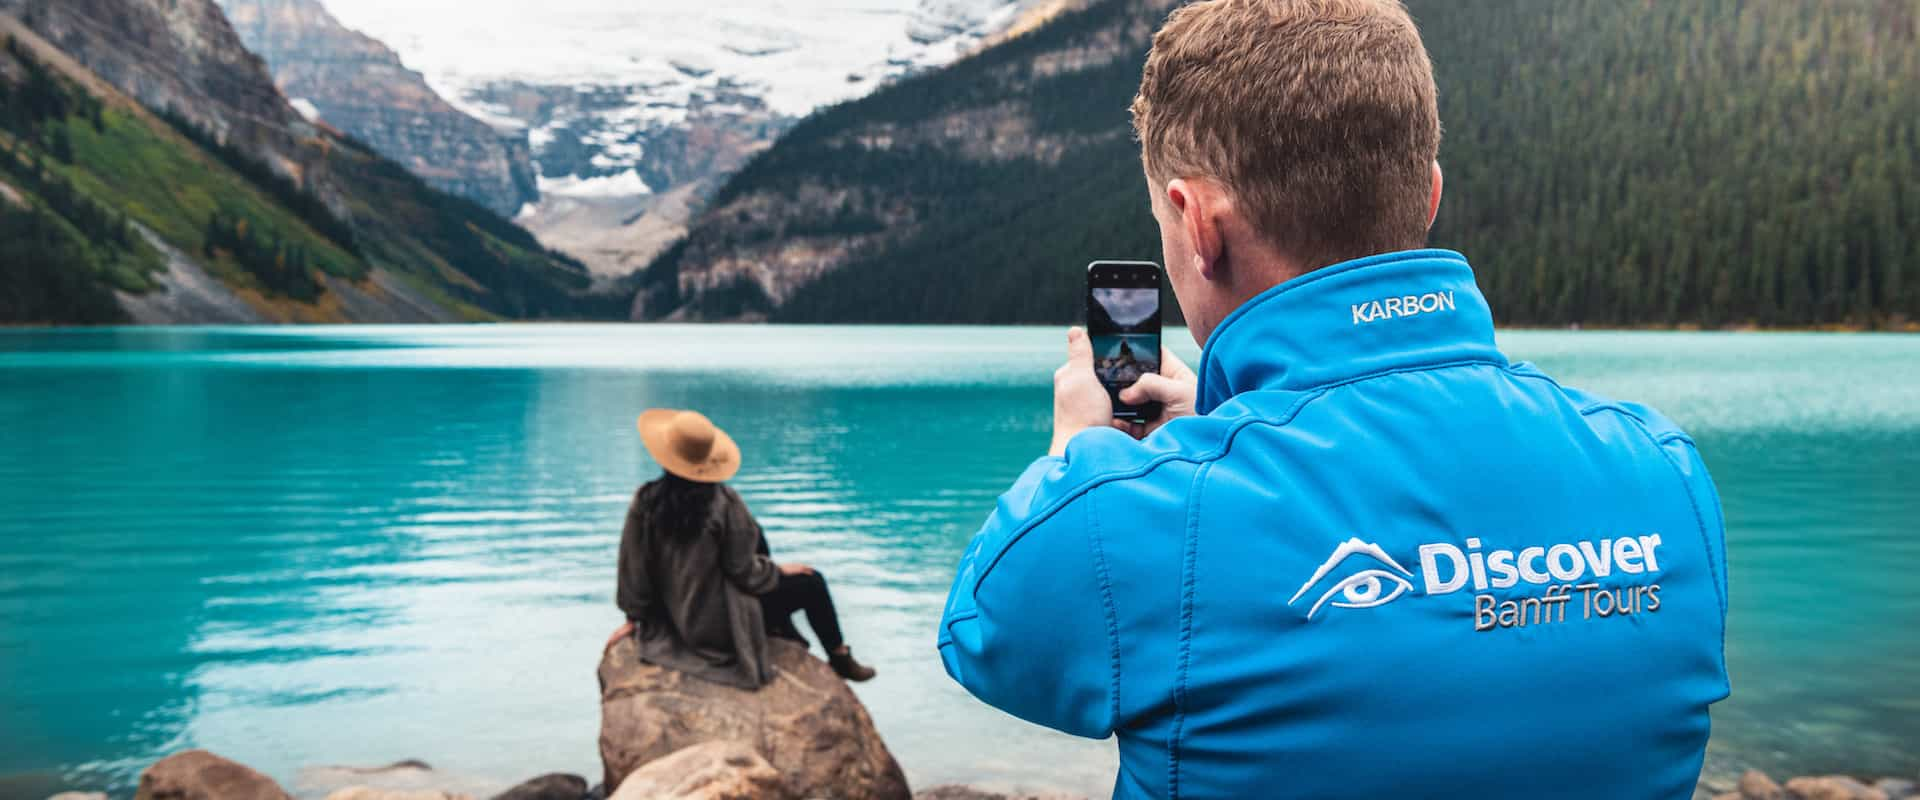 InstaBanff: Banff Instagram Tour